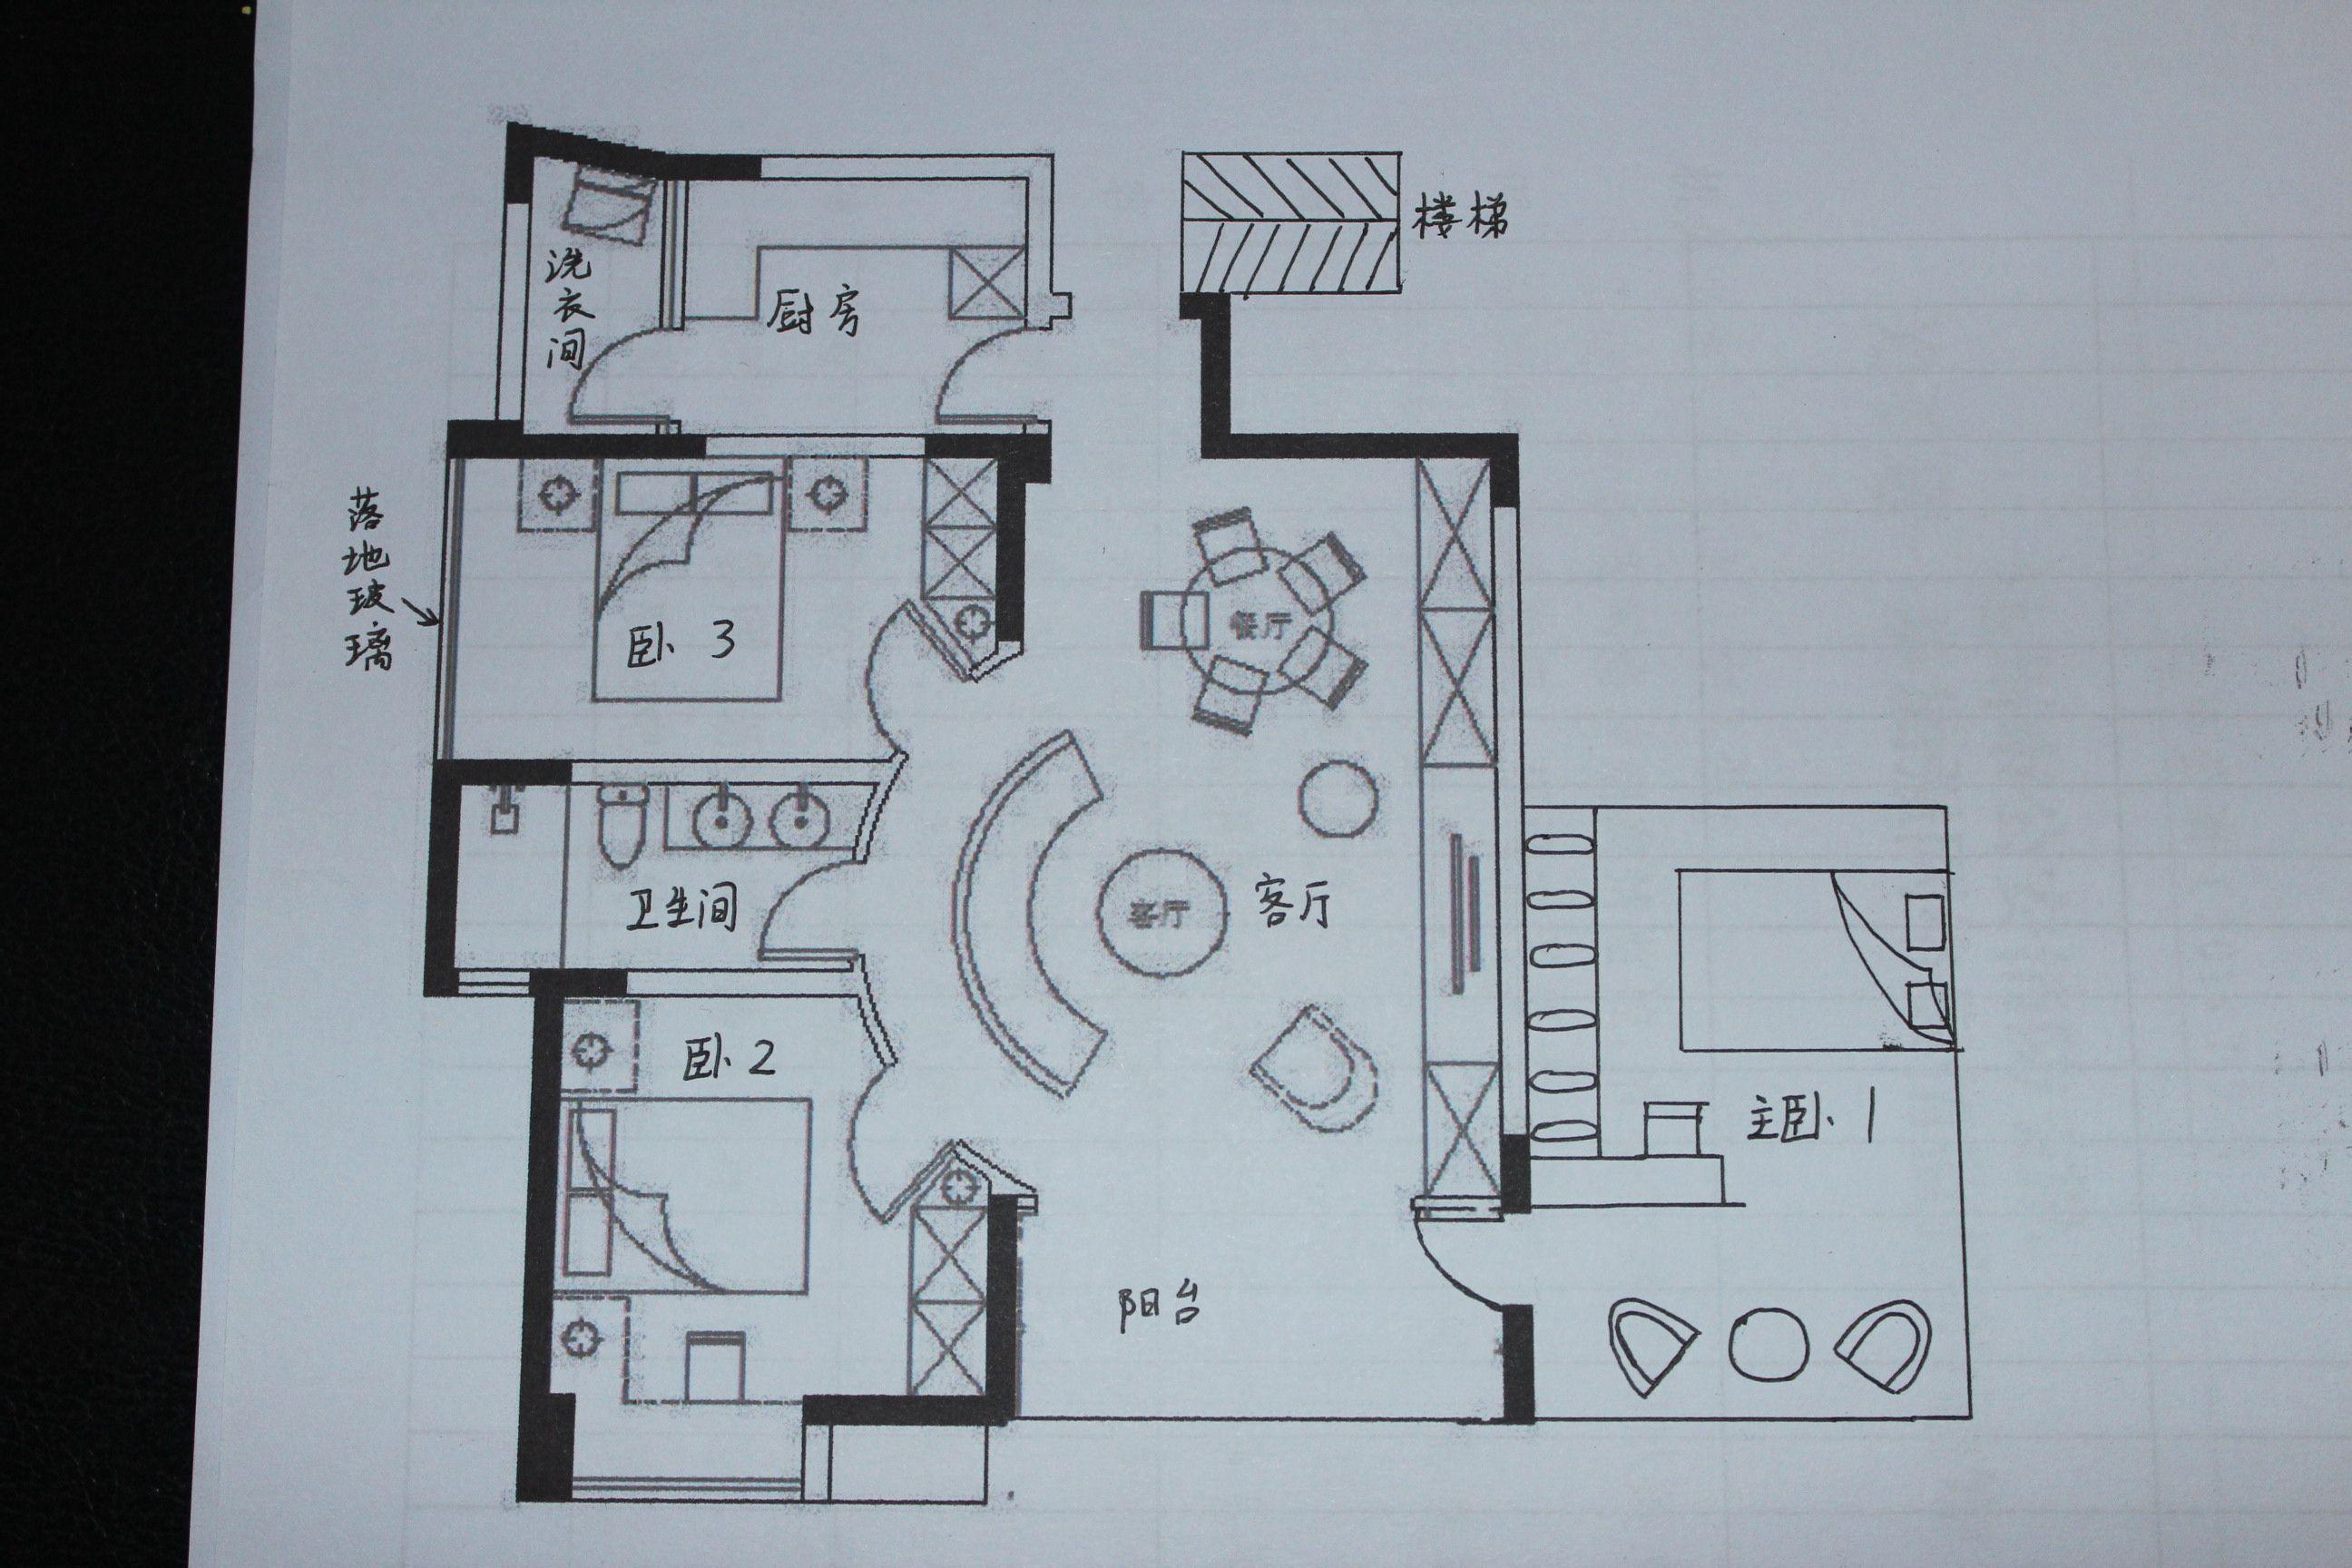 求90平方米房屋设计图纸,急急图片